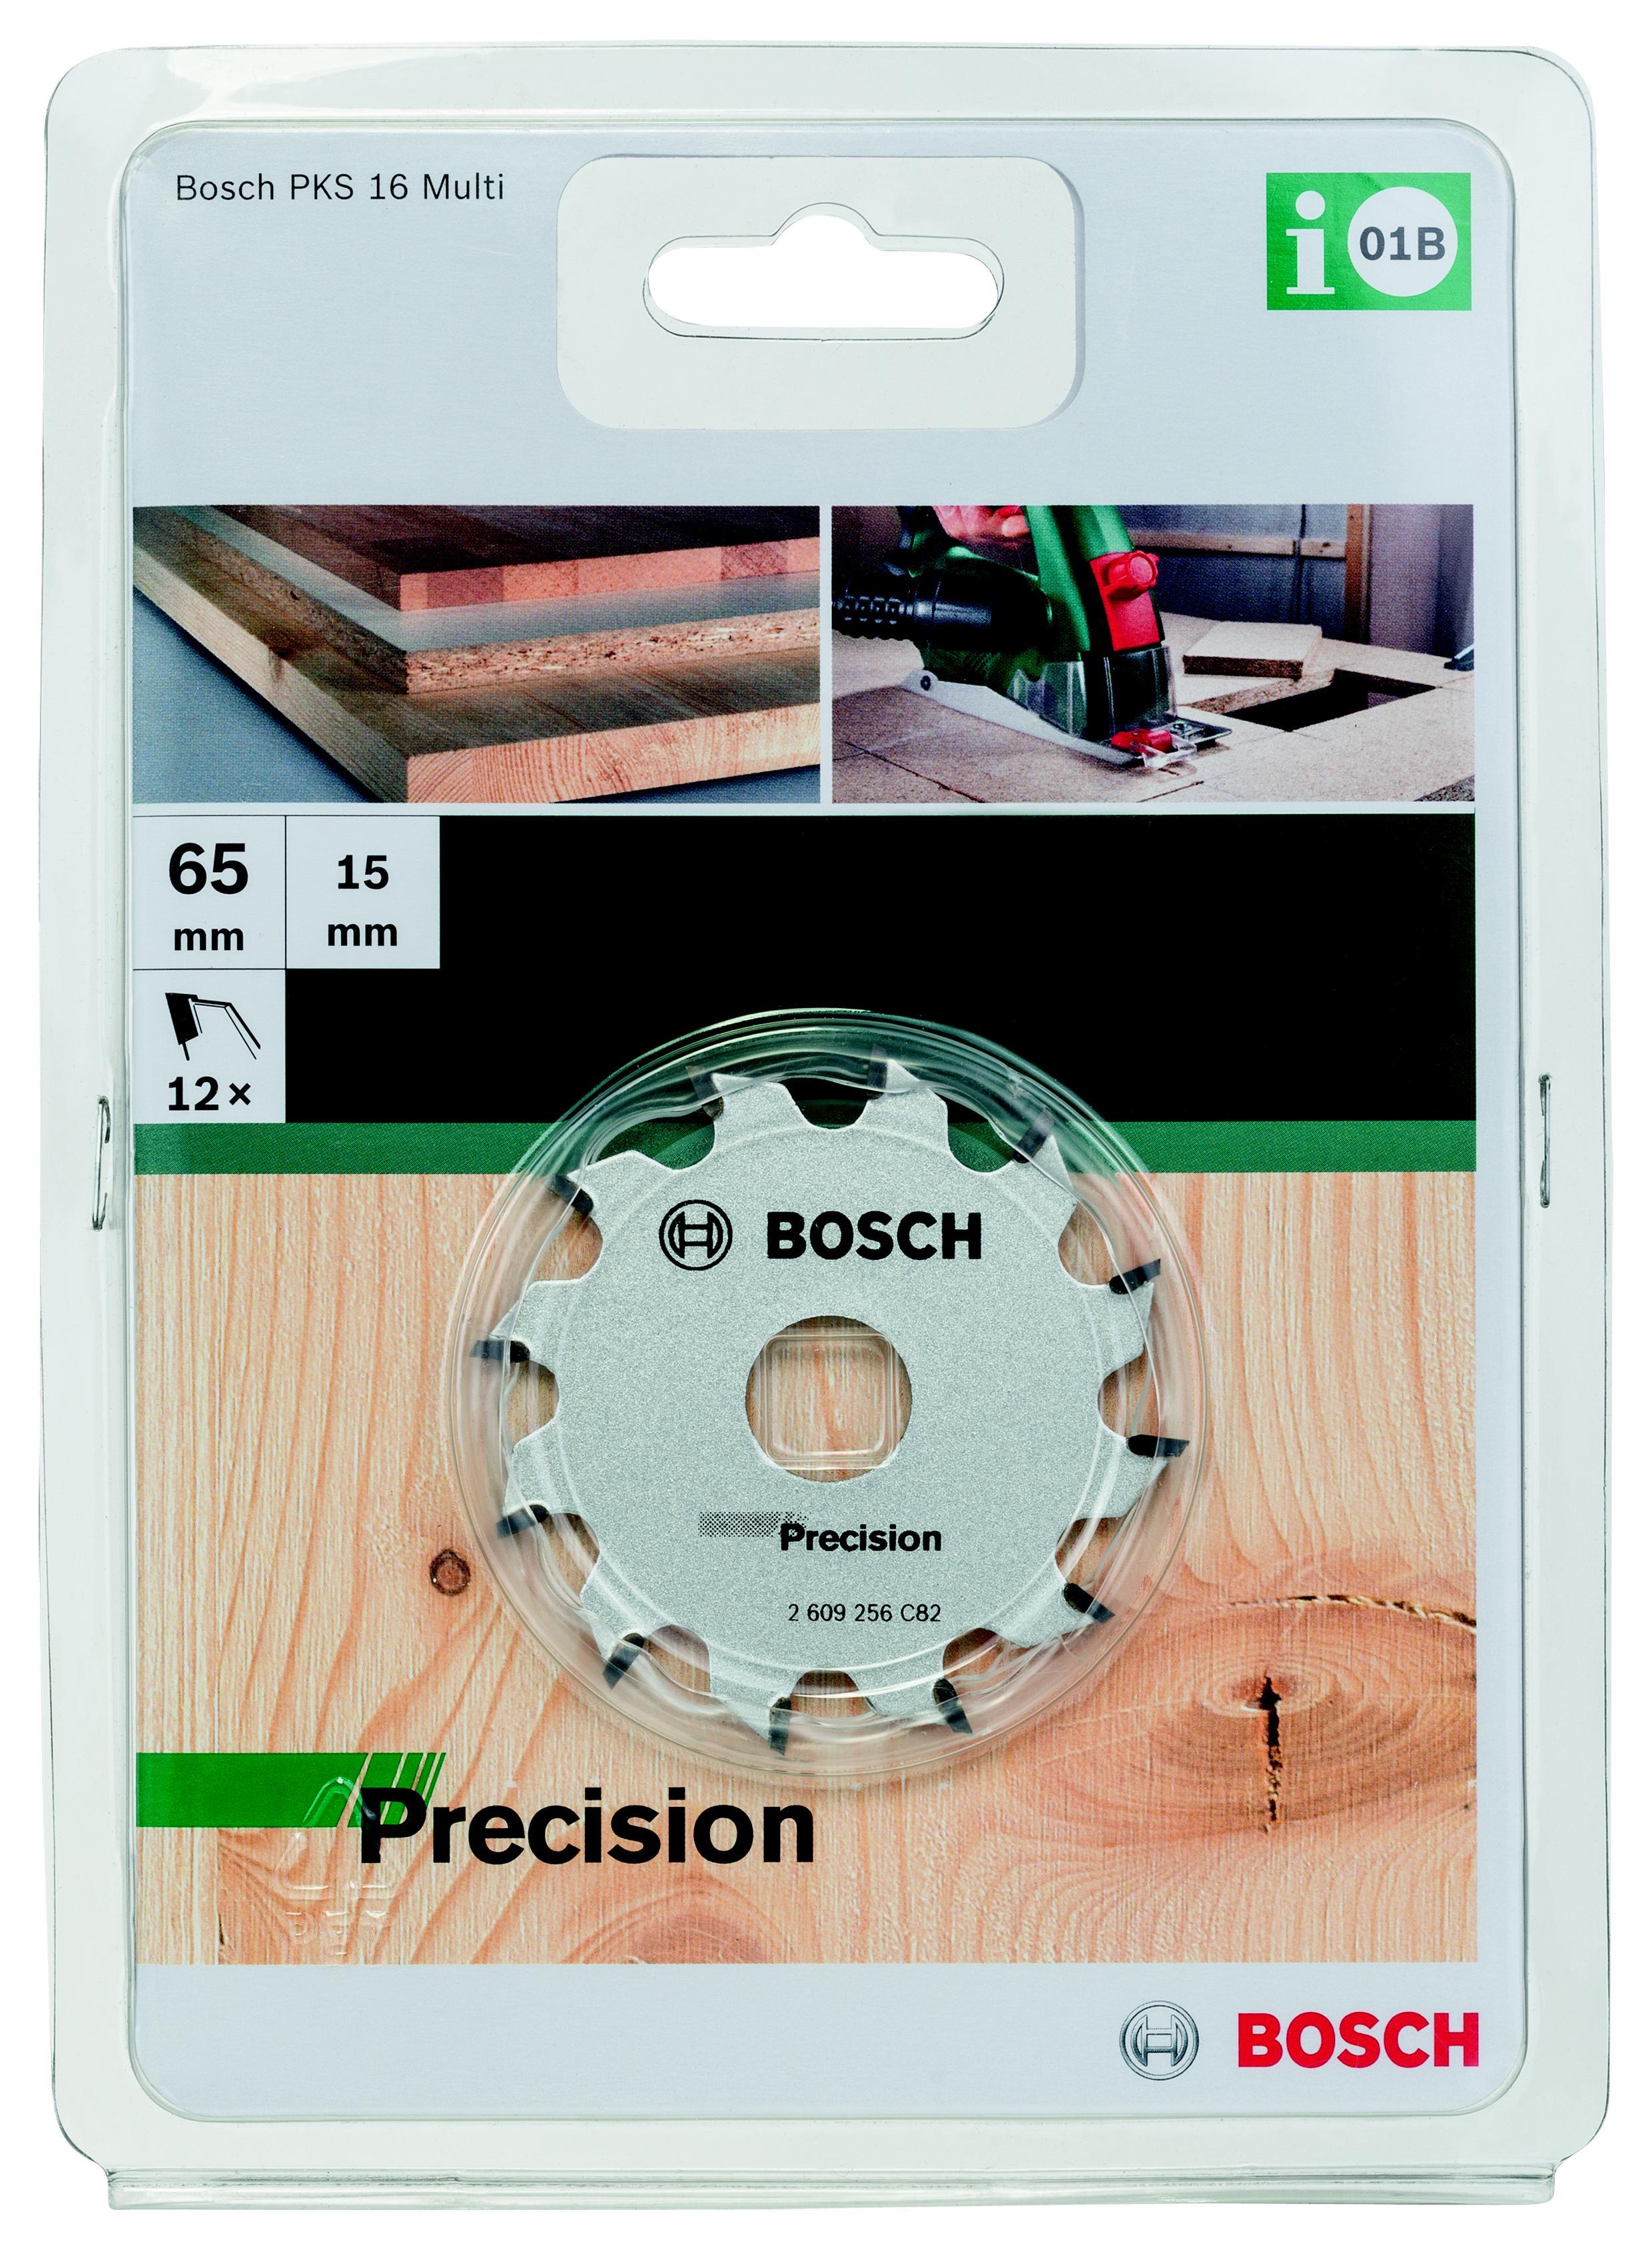 цена на Диск пильный твердосплавный Bosch Precision 65x12x15, для pks 16 multi (2.609.256.c82)